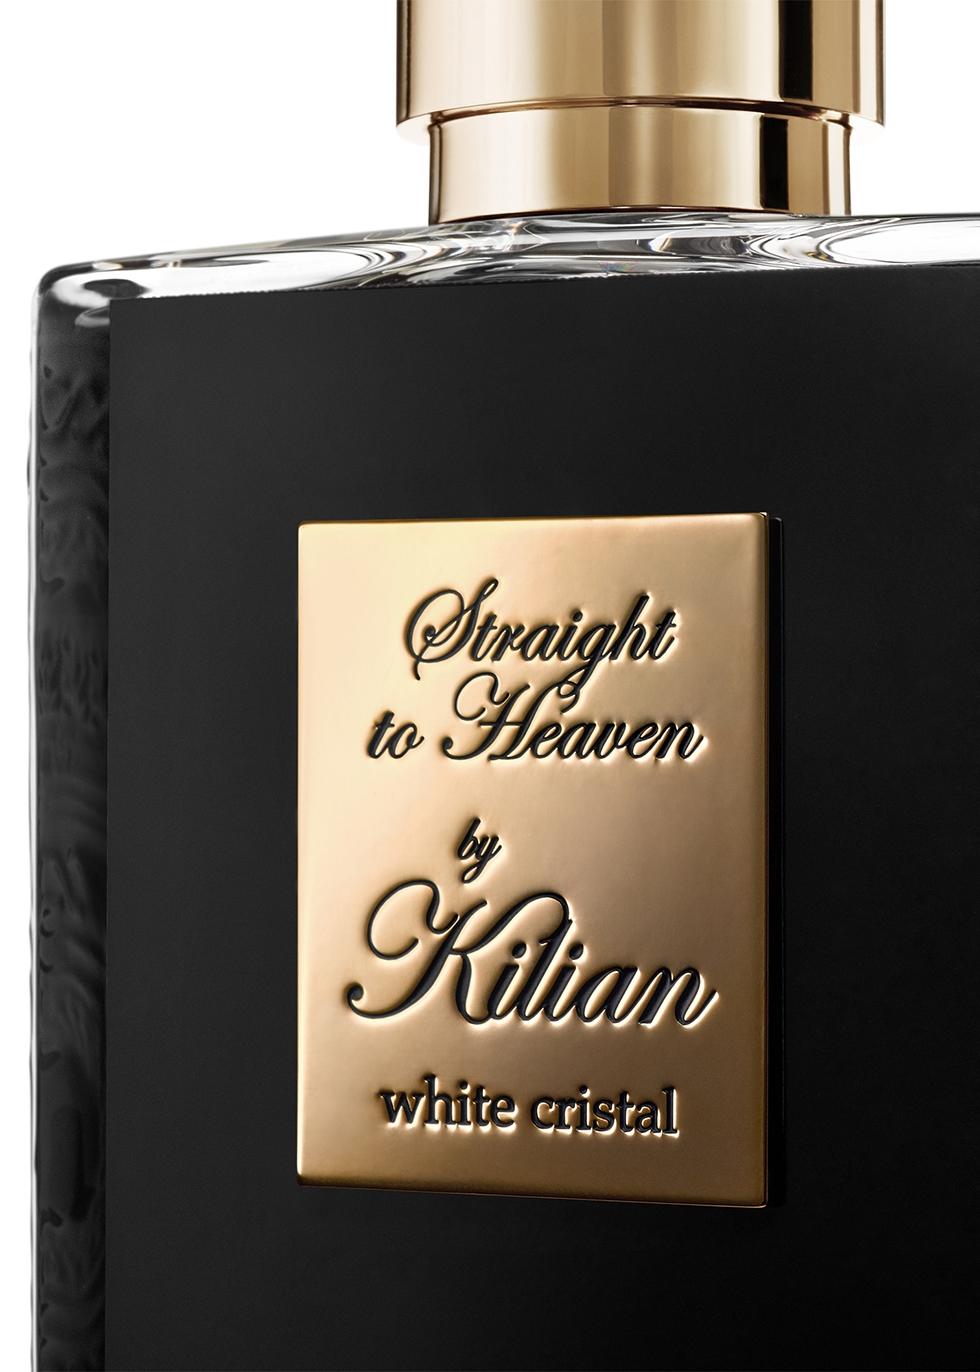 Kilian Hennessy Straight To Heaven